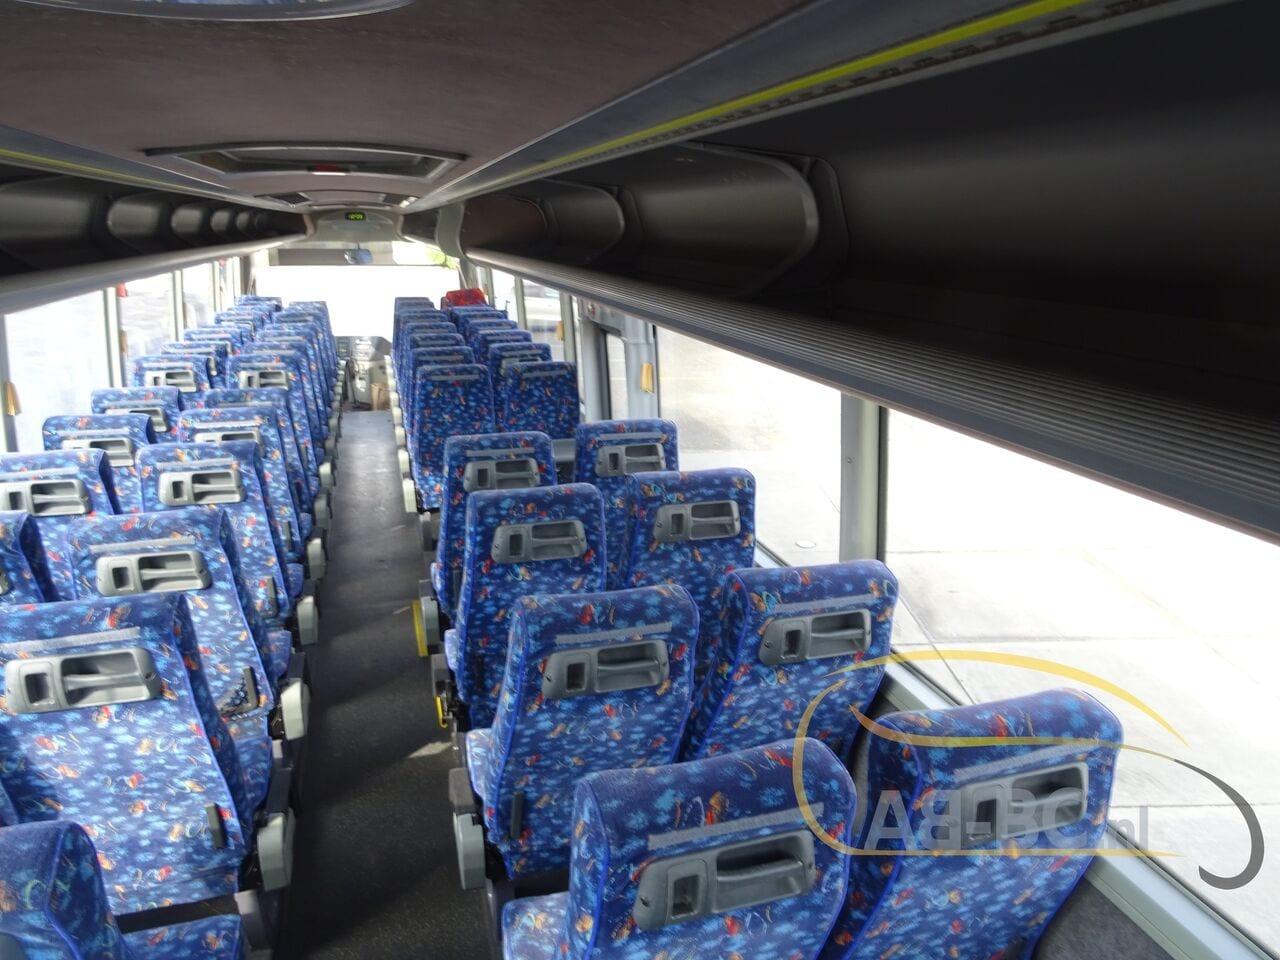 coach-busTEMSA-Safari-RD-65-Seats---1620312041563550201_big_32b290fab04b1d75ba5e3a20e693fba8--21050617272795316700